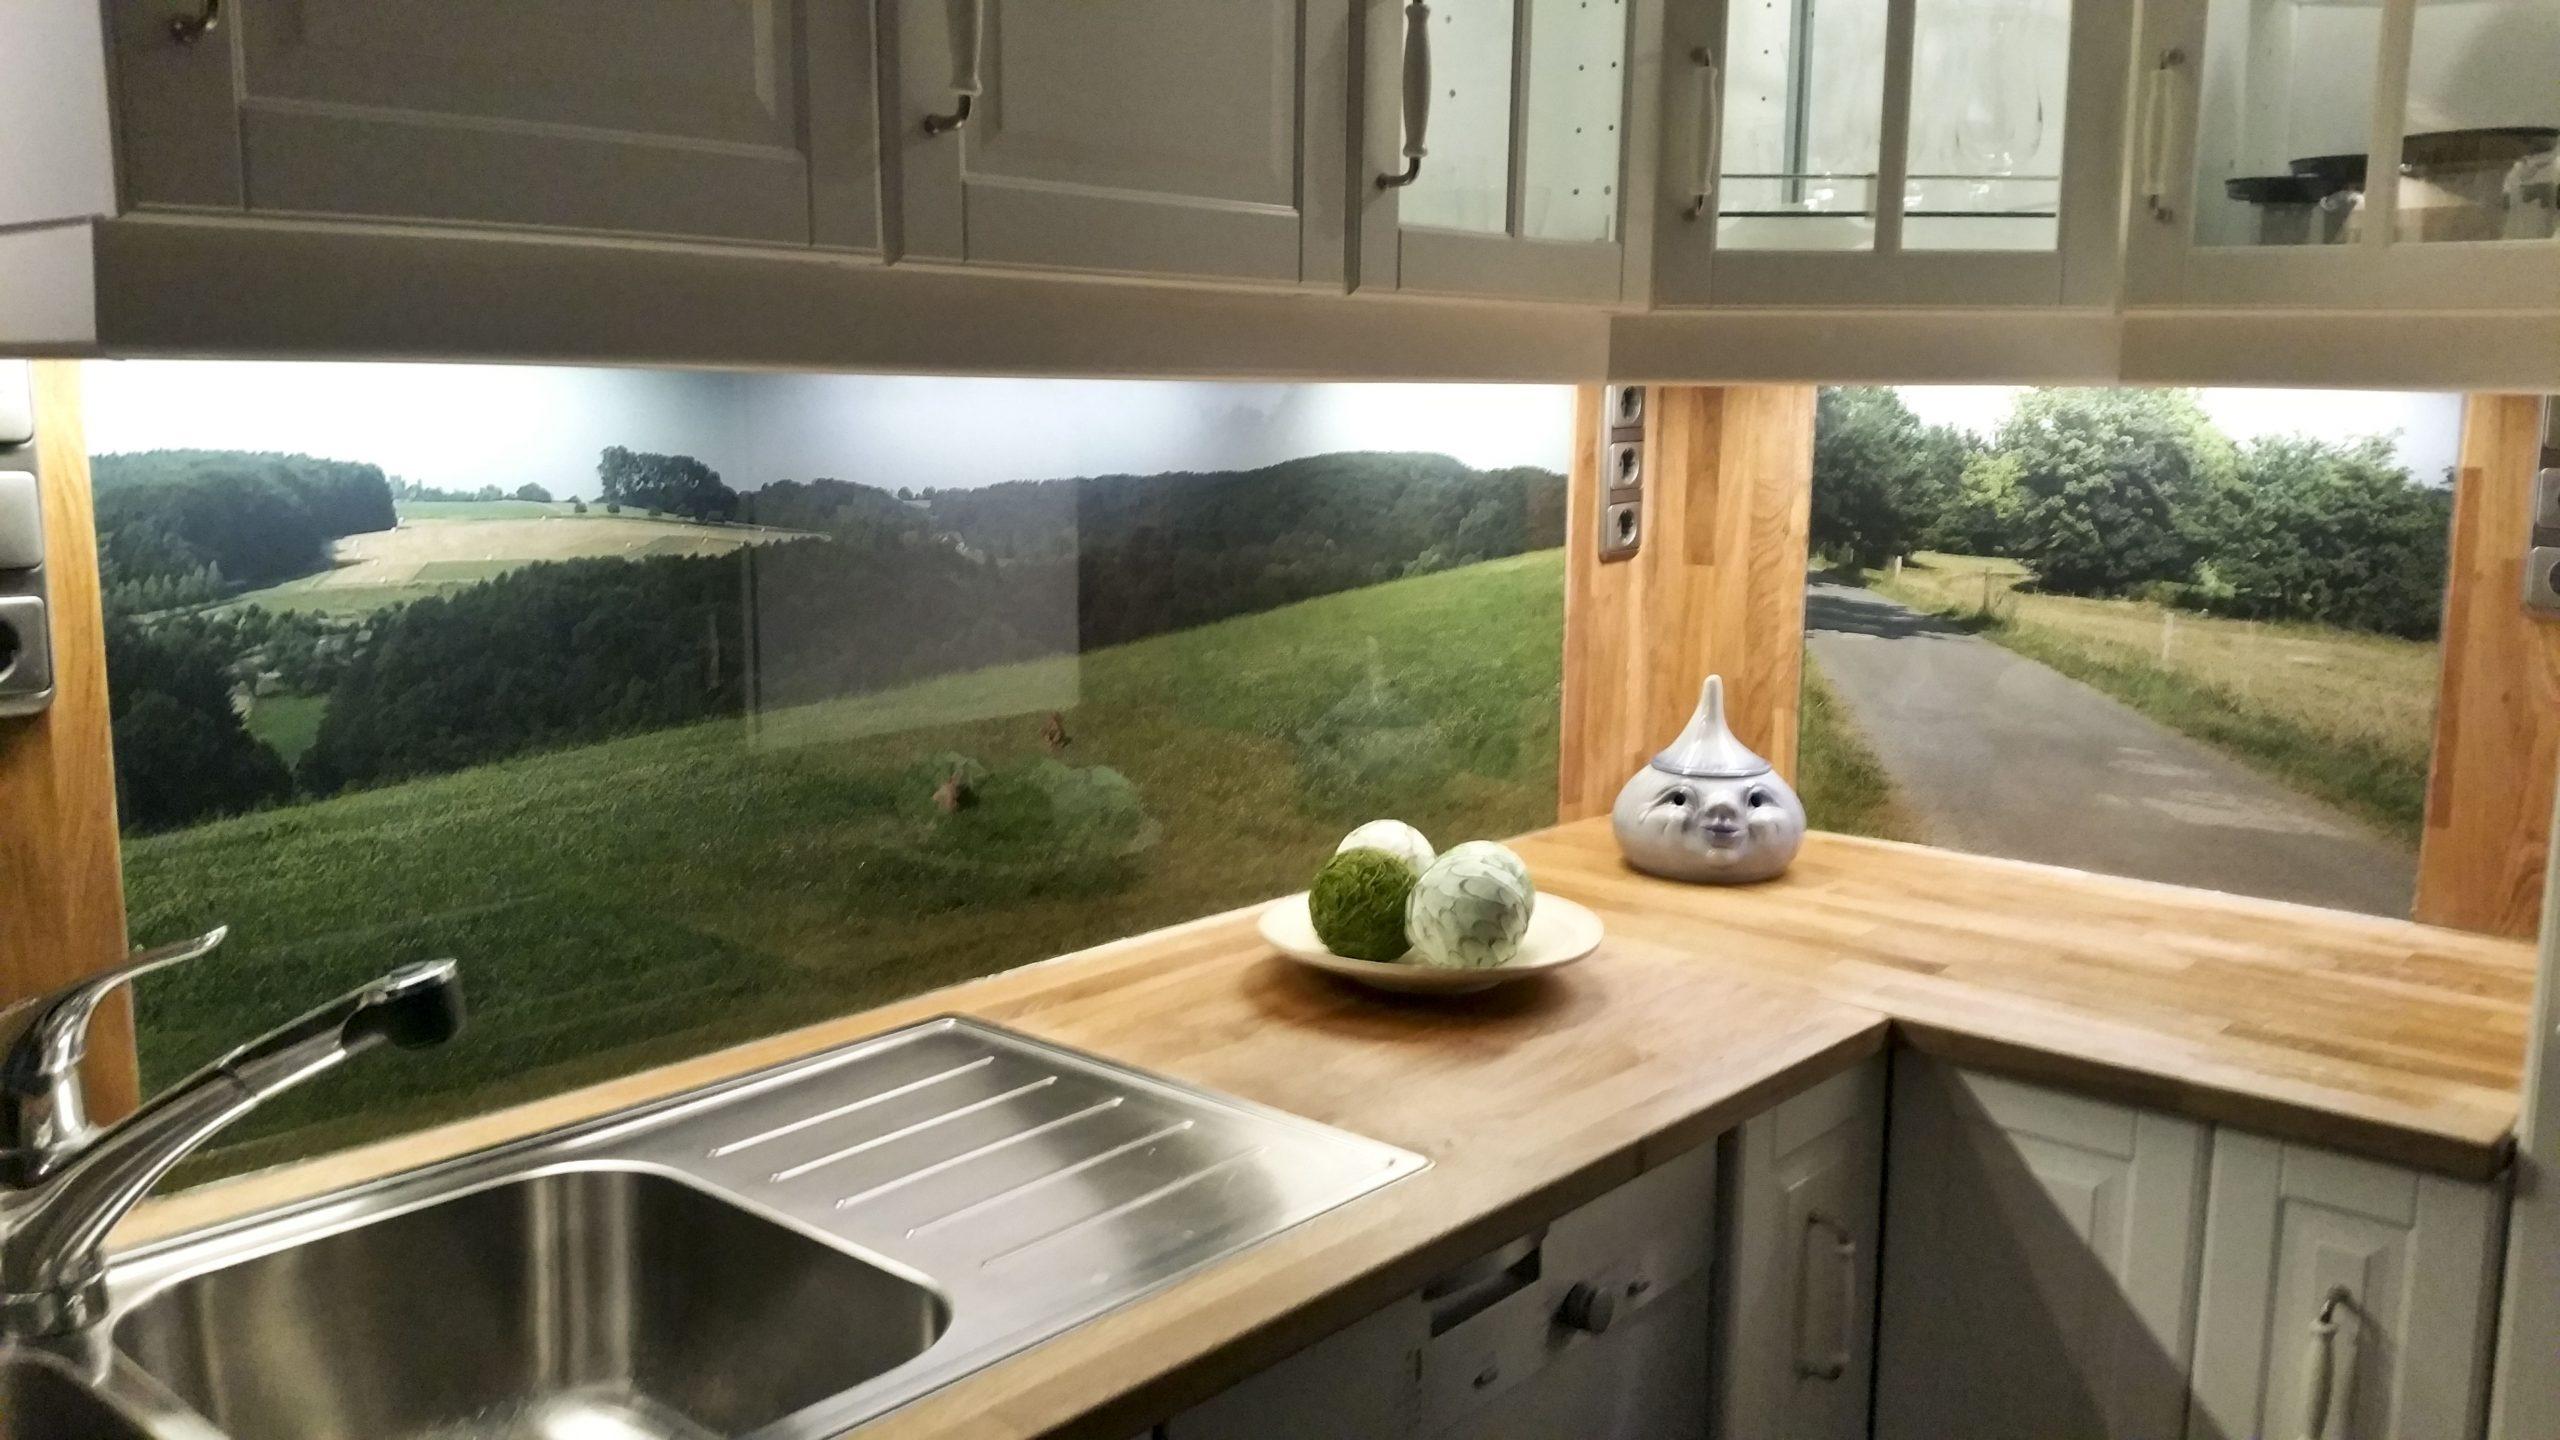 Full Size of Fliesenspiegel Küche Glas Kchenrckwand Aus Esg Mit Eigenem Motiv In 2020 Wasserhahn Wandanschluss Doppel Mülleimer Weiße Glaswand Dusche Kaufen Küche Fliesenspiegel Küche Glas